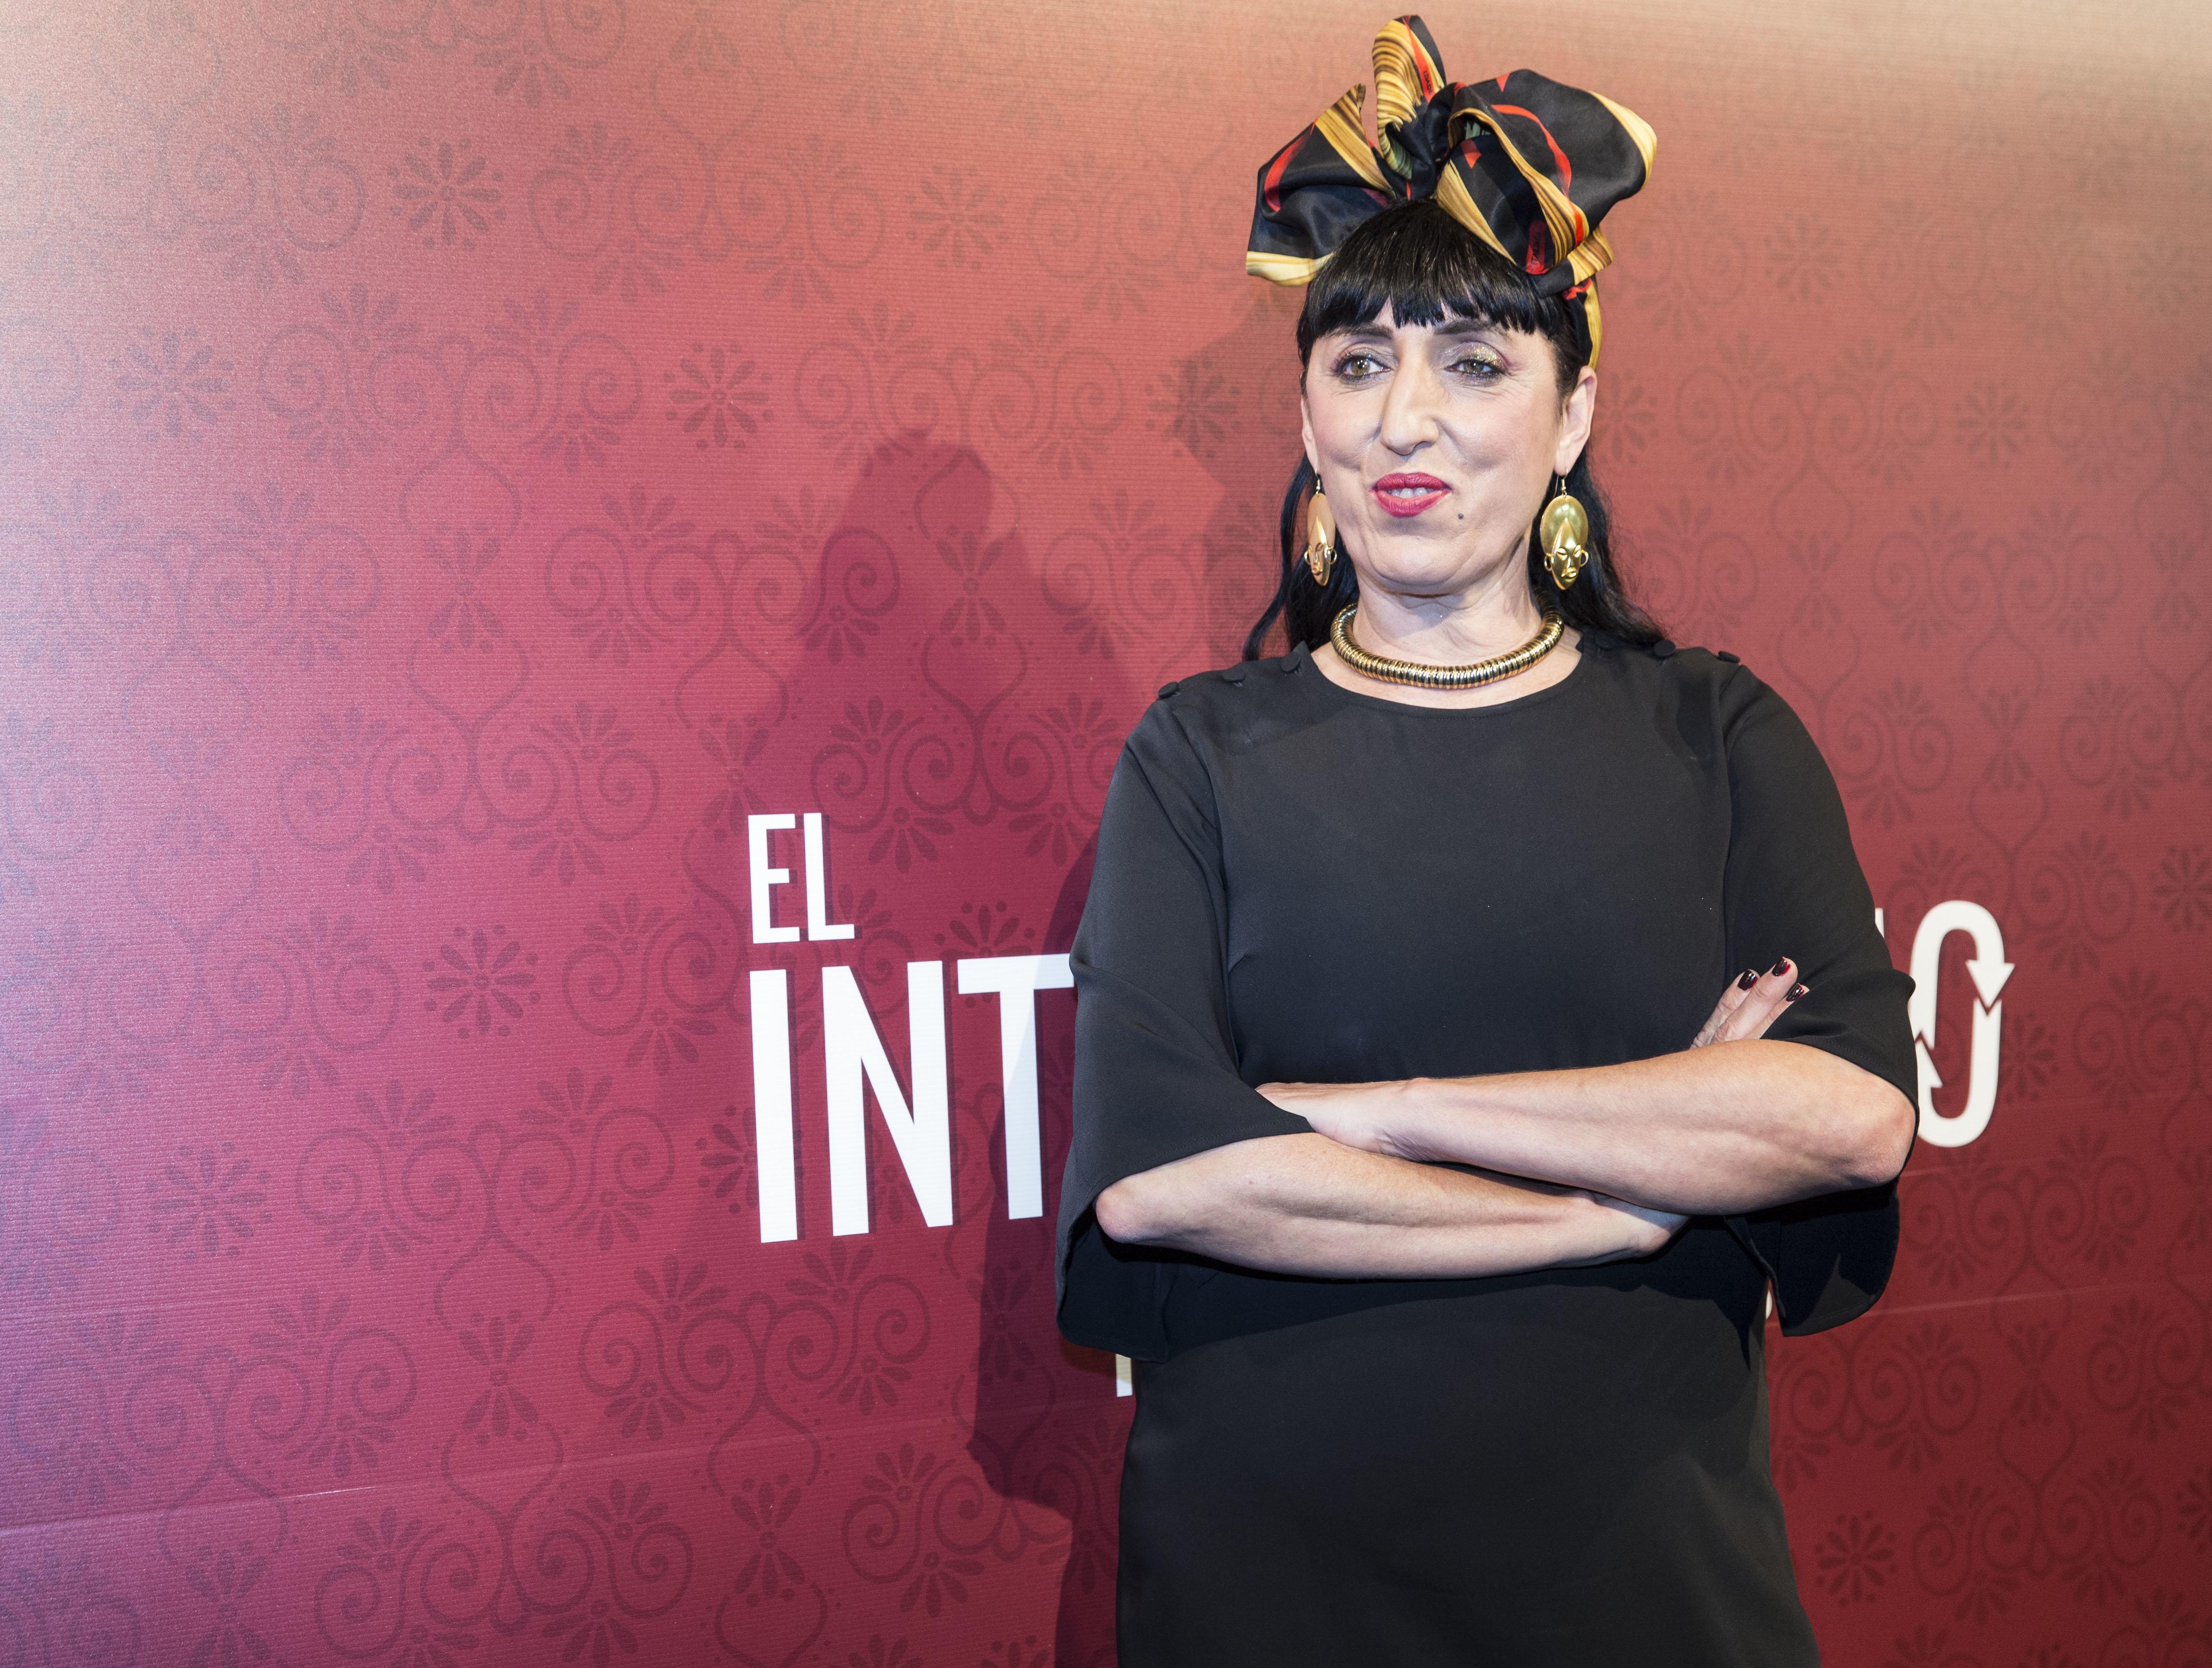 L'actrice espagnole Rossy De Palma, de passage à Hammamet, en fait la promotion sur les réseaux